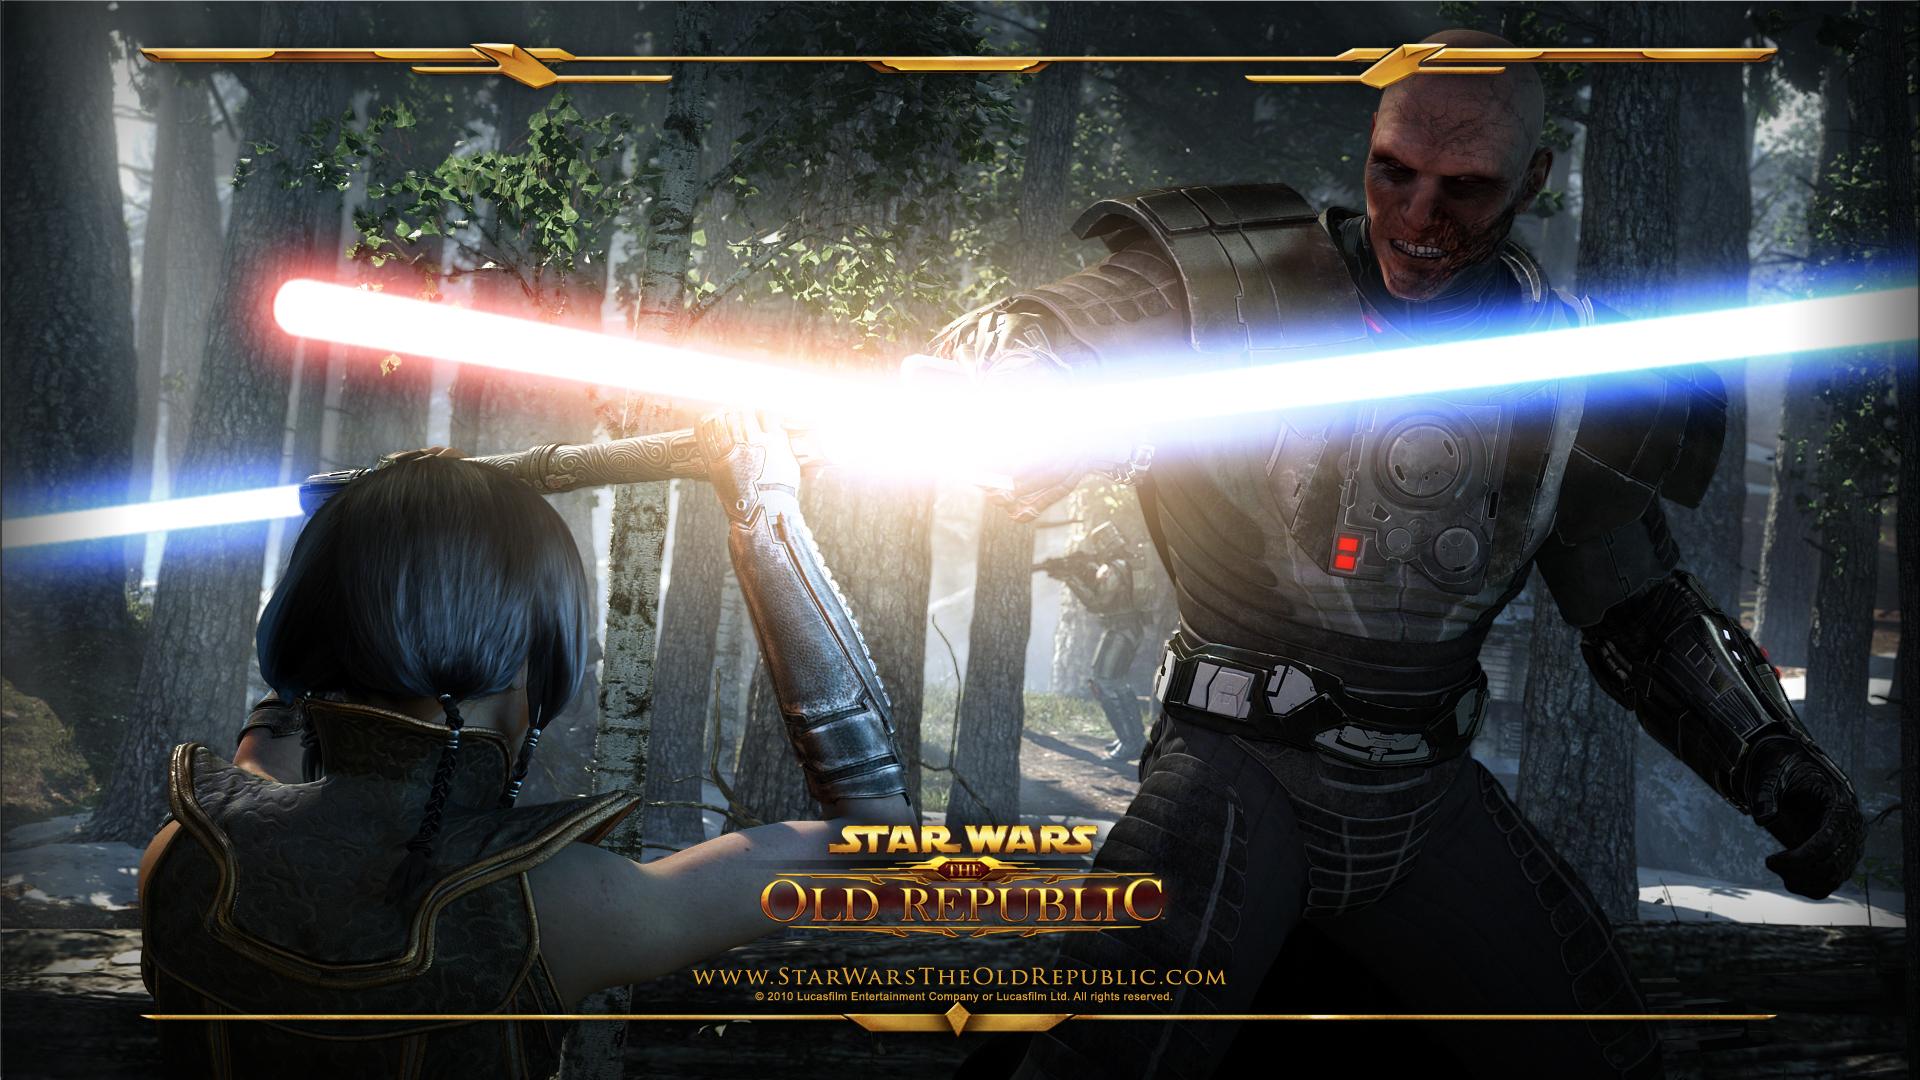 Star Wars The Old Republic wallpaper   170673 1920x1080